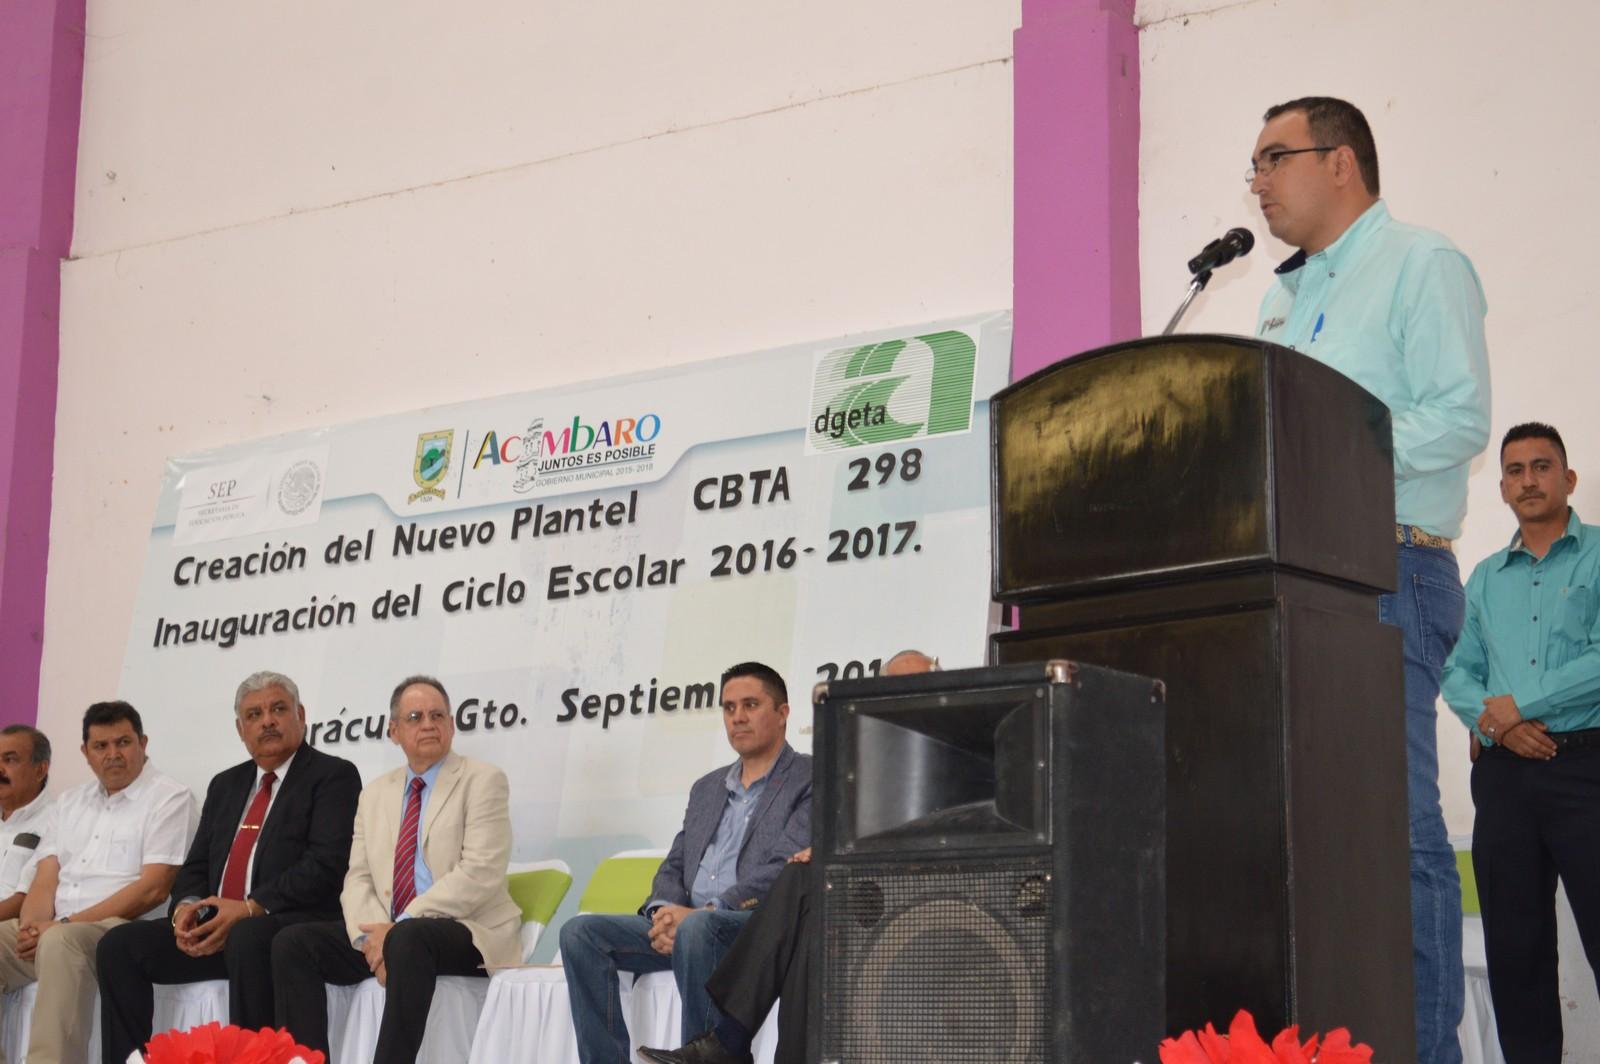 Los alumnos, están ya tomando sus clases en un salón de la delegación de Parácuaro, anteriormente eran una extensión de un plantel de Uriangato, pero ahora tienen ya su número oficial de escuela que es la 298 en la república mexicana, por lo que es una realidad.